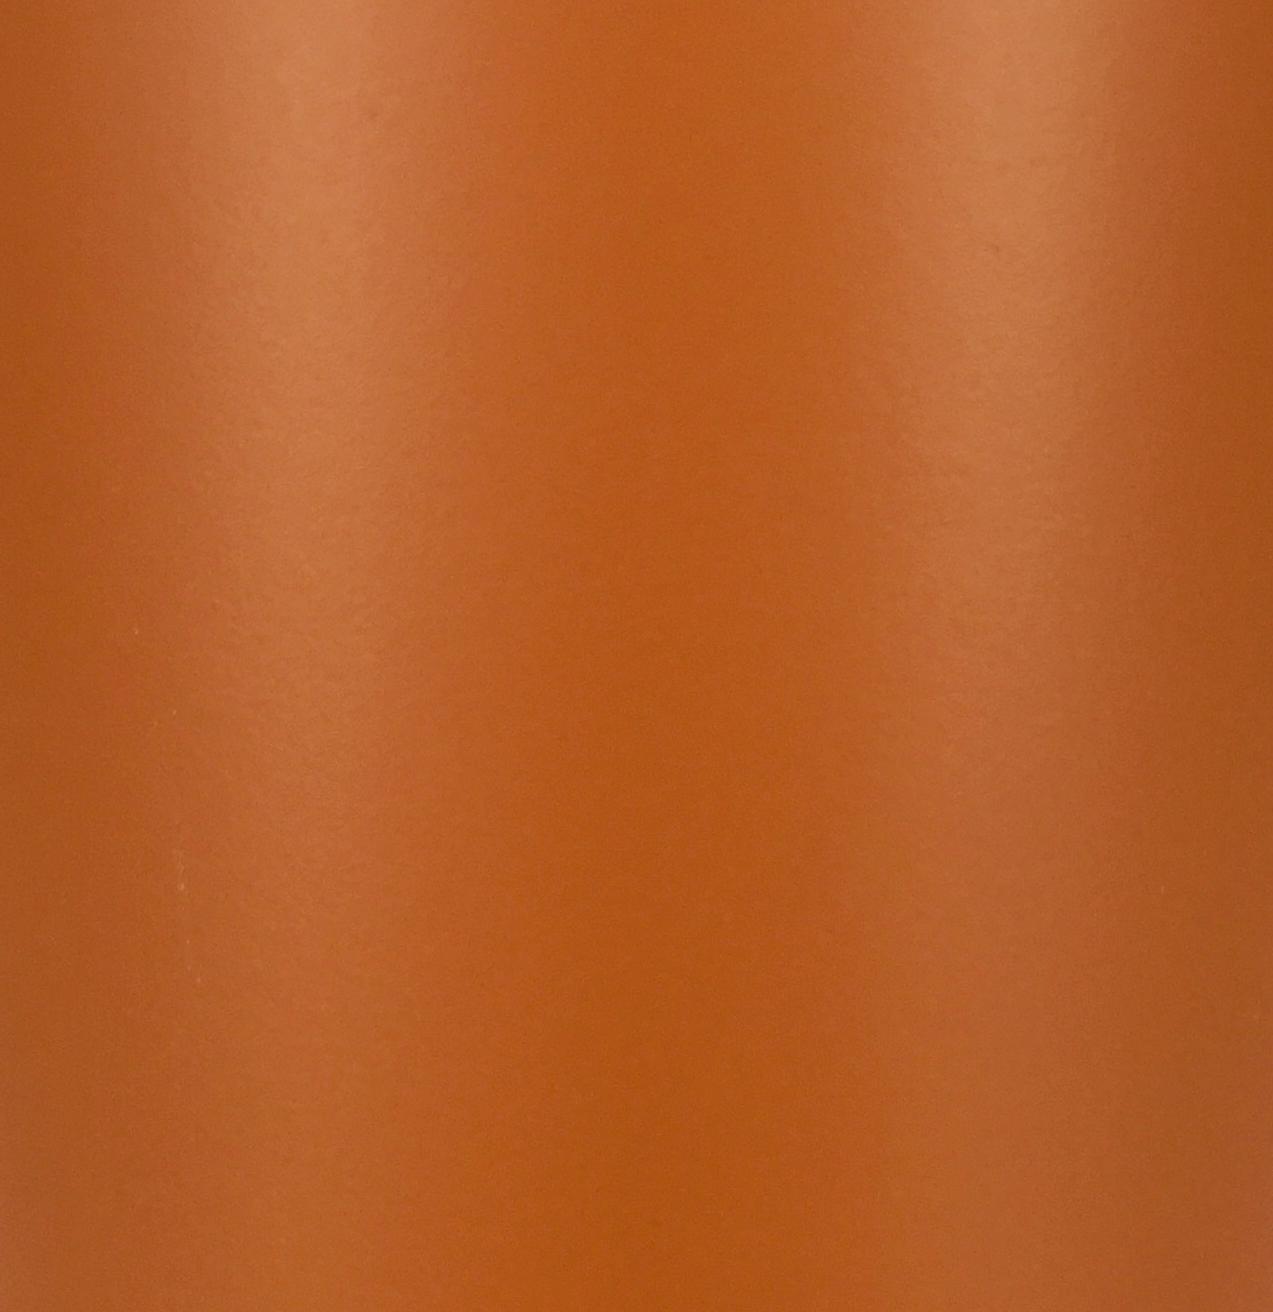 2033 Orange